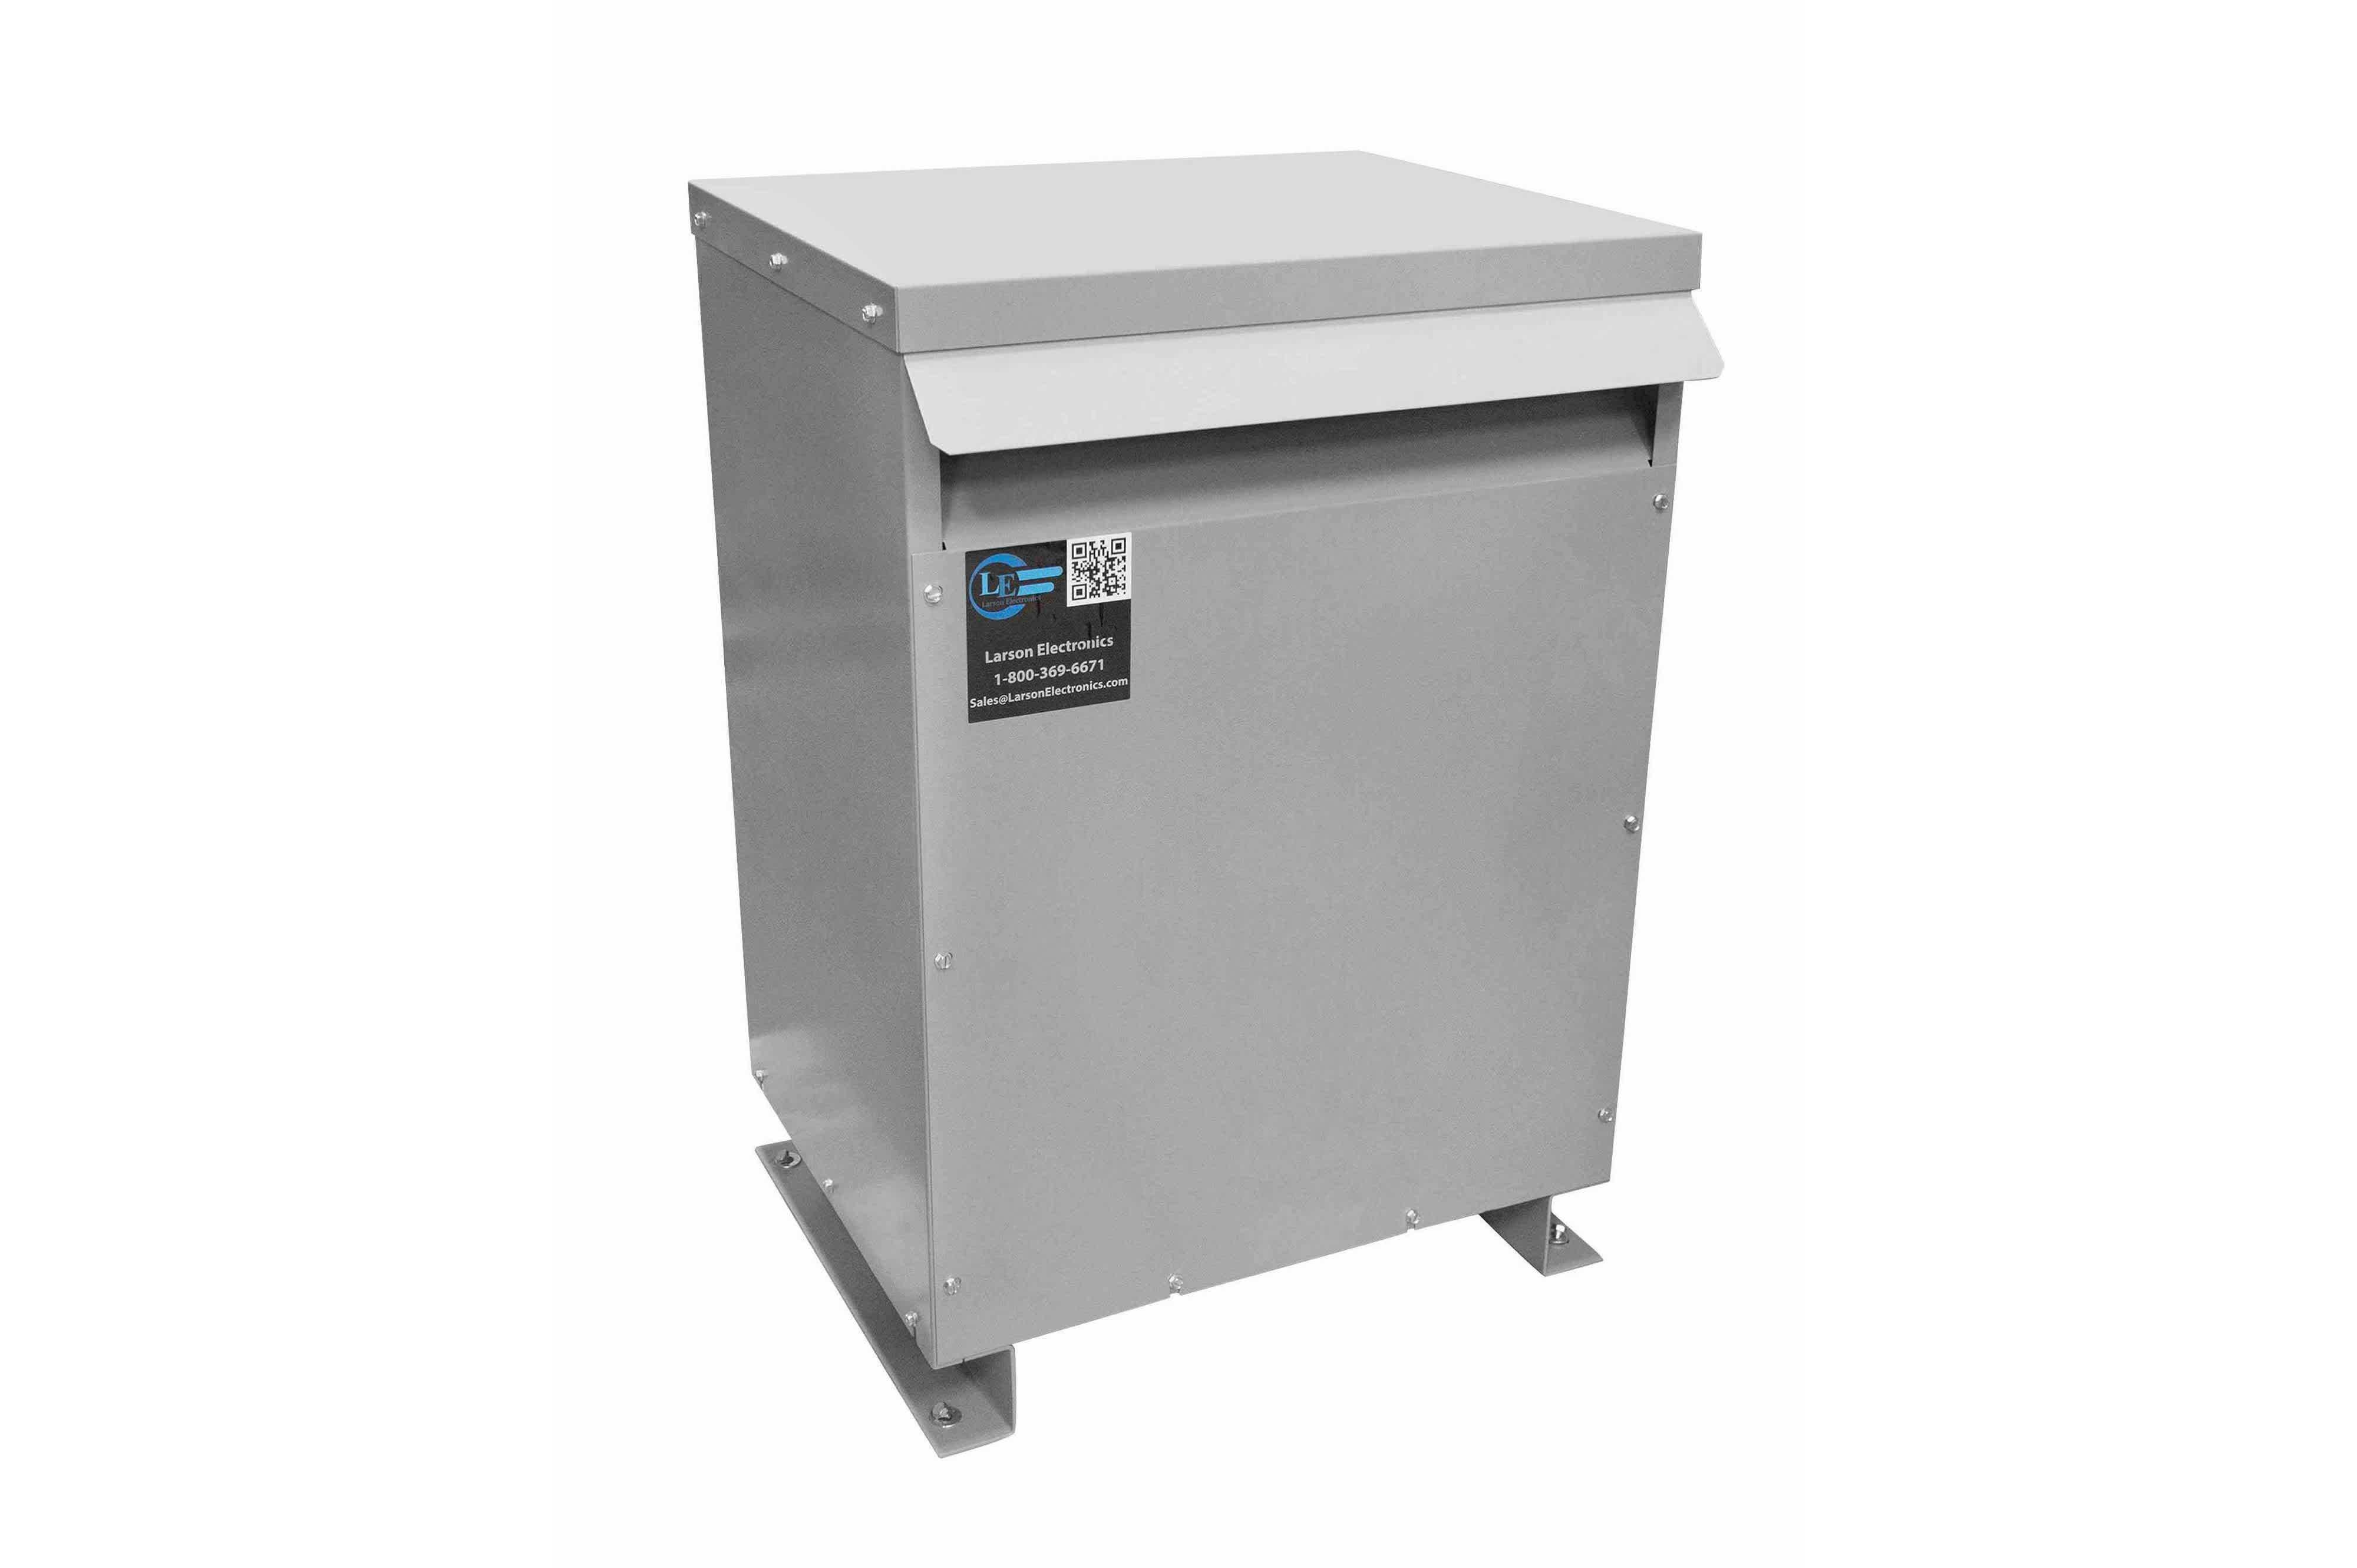 125 kVA 3PH Isolation Transformer, 460V Delta Primary, 240 Delta Secondary, N3R, Ventilated, 60 Hz